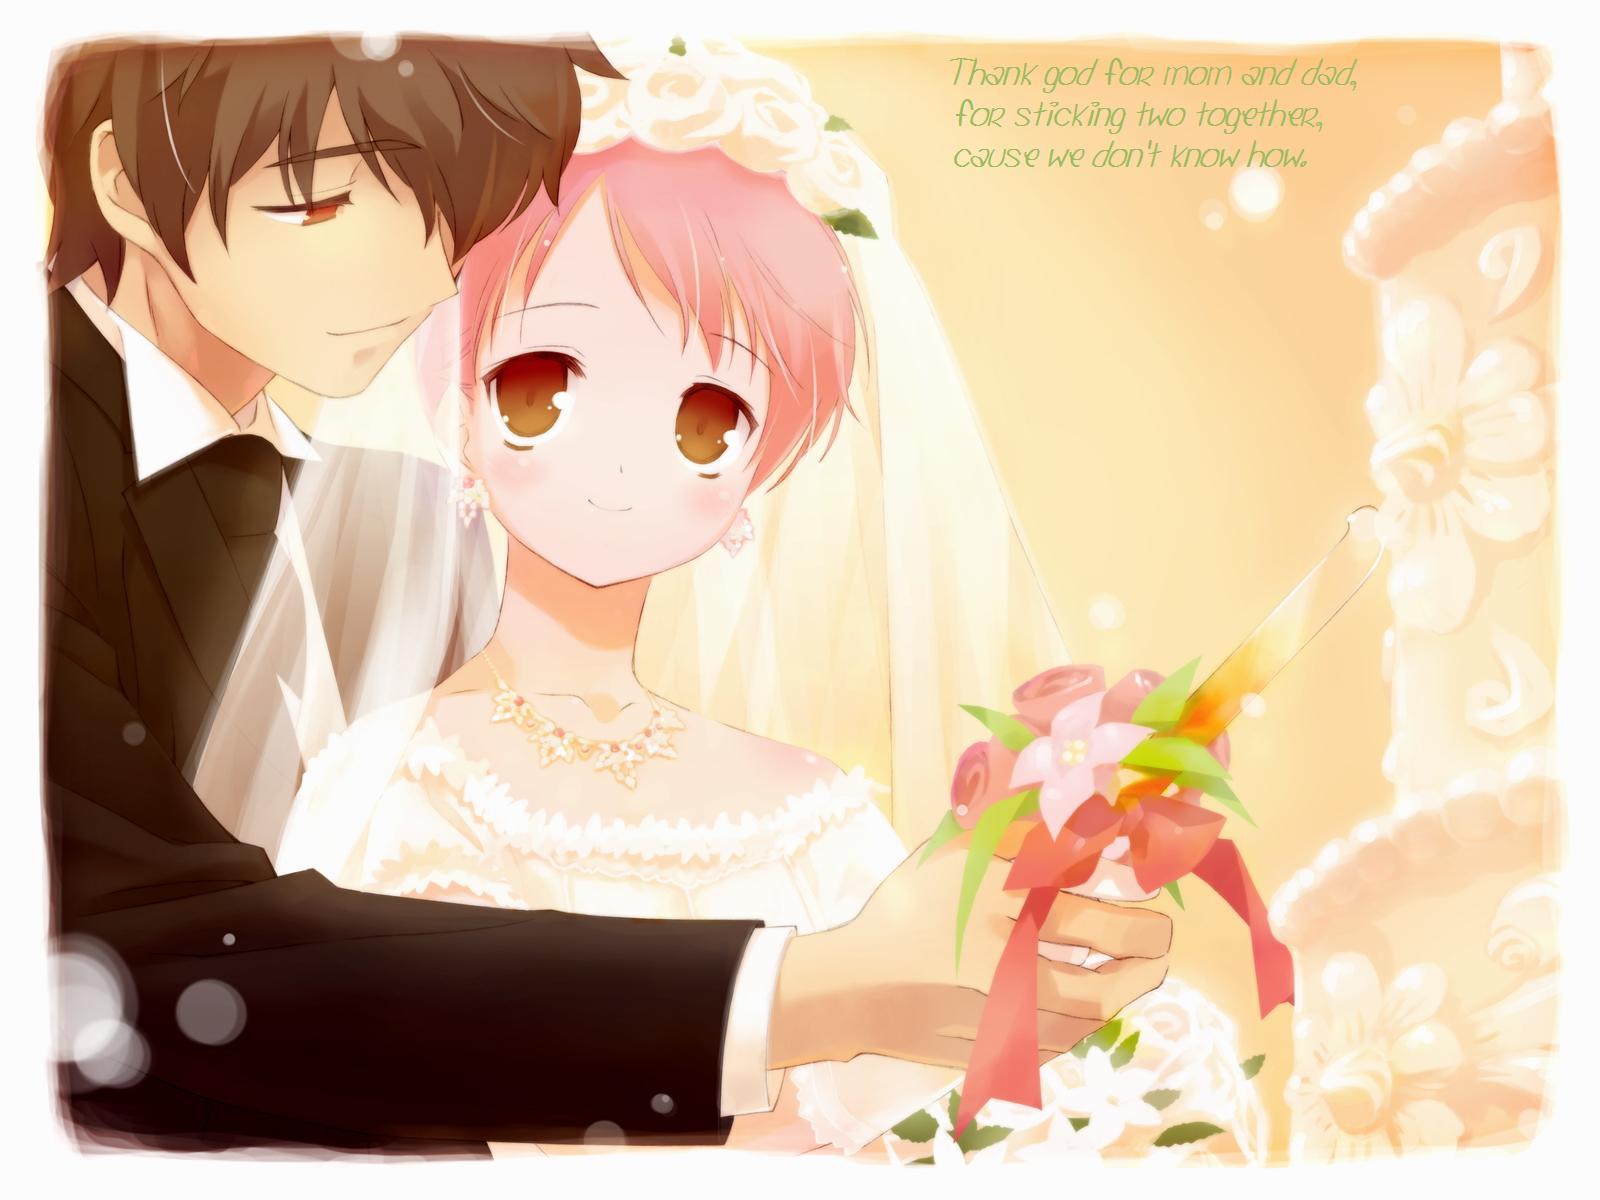 http://1.bp.blogspot.com/-ZAoGay6yU2k/UEjv1y428AI/AAAAAAAABKk/Lg1gBIMBUUU/s1600/Anime+Love+Wallpapers+(2).jpg